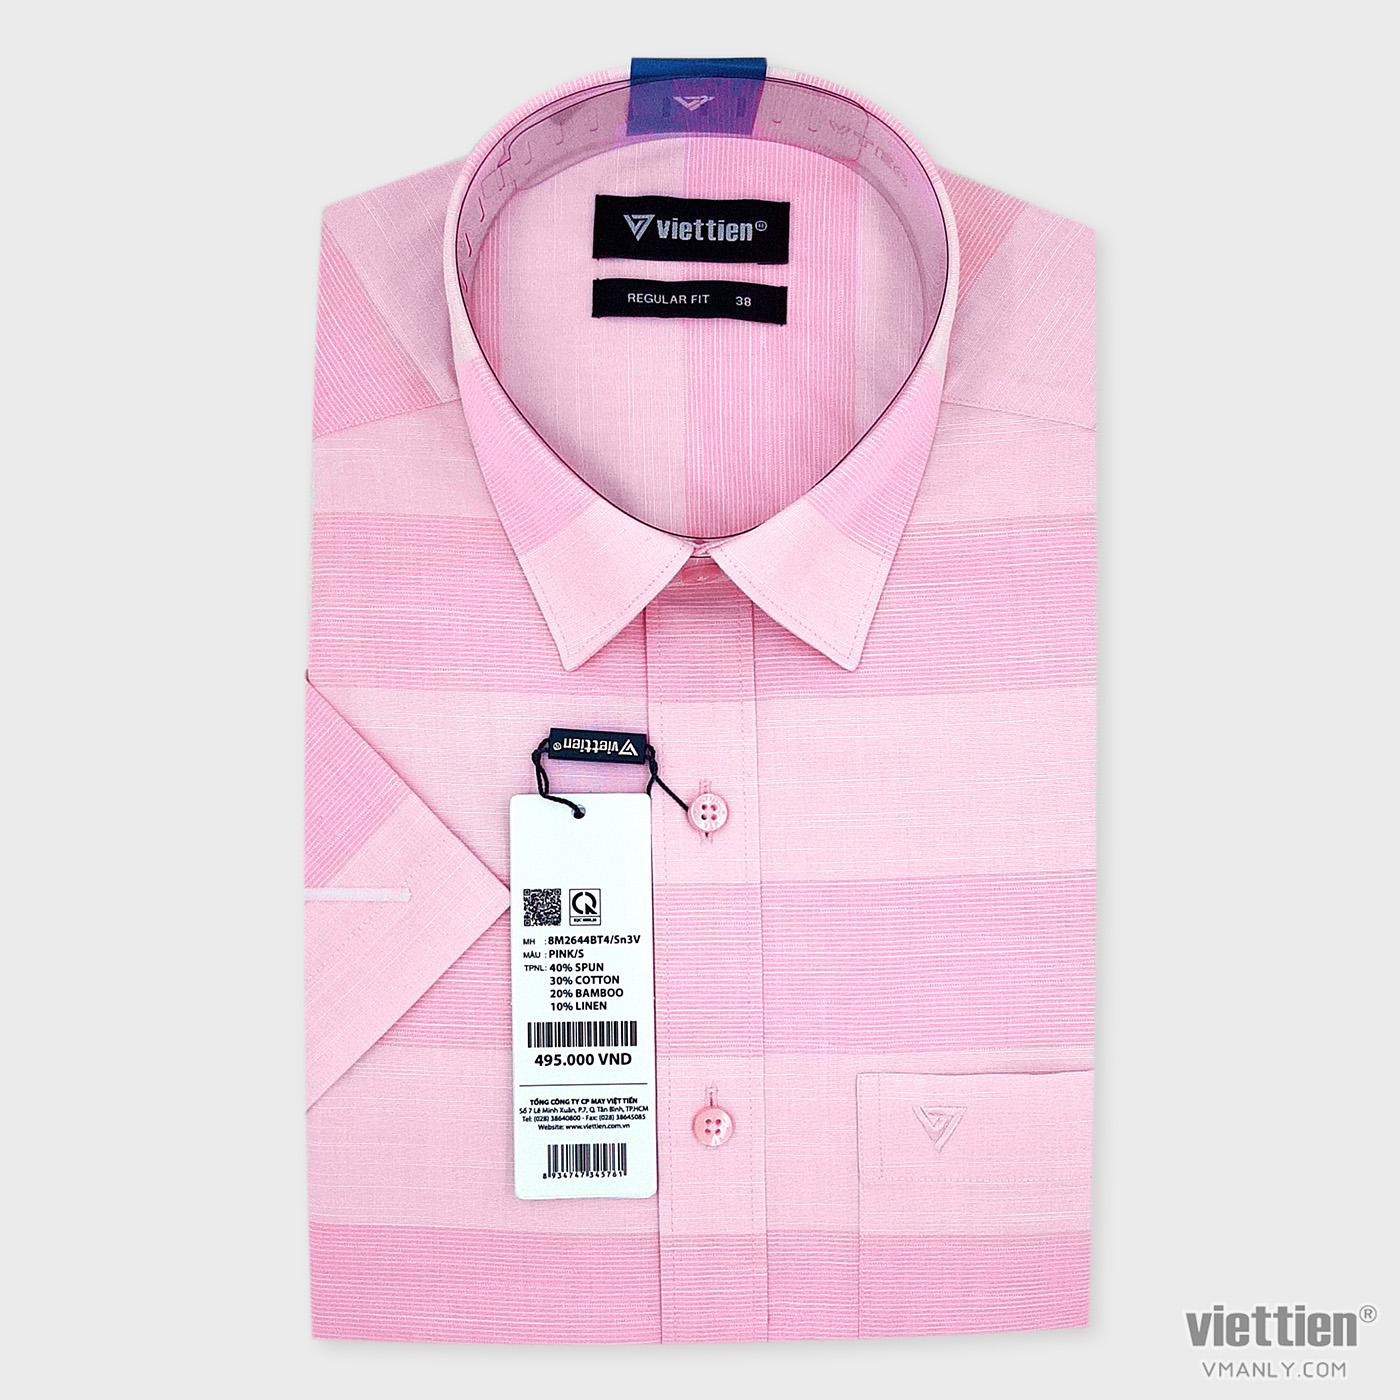 Áo sơ mi nam ngắn tay Việt Tiến có túi kẻ sọc màu hồng regular fit 8M2644BT4/Sn3V